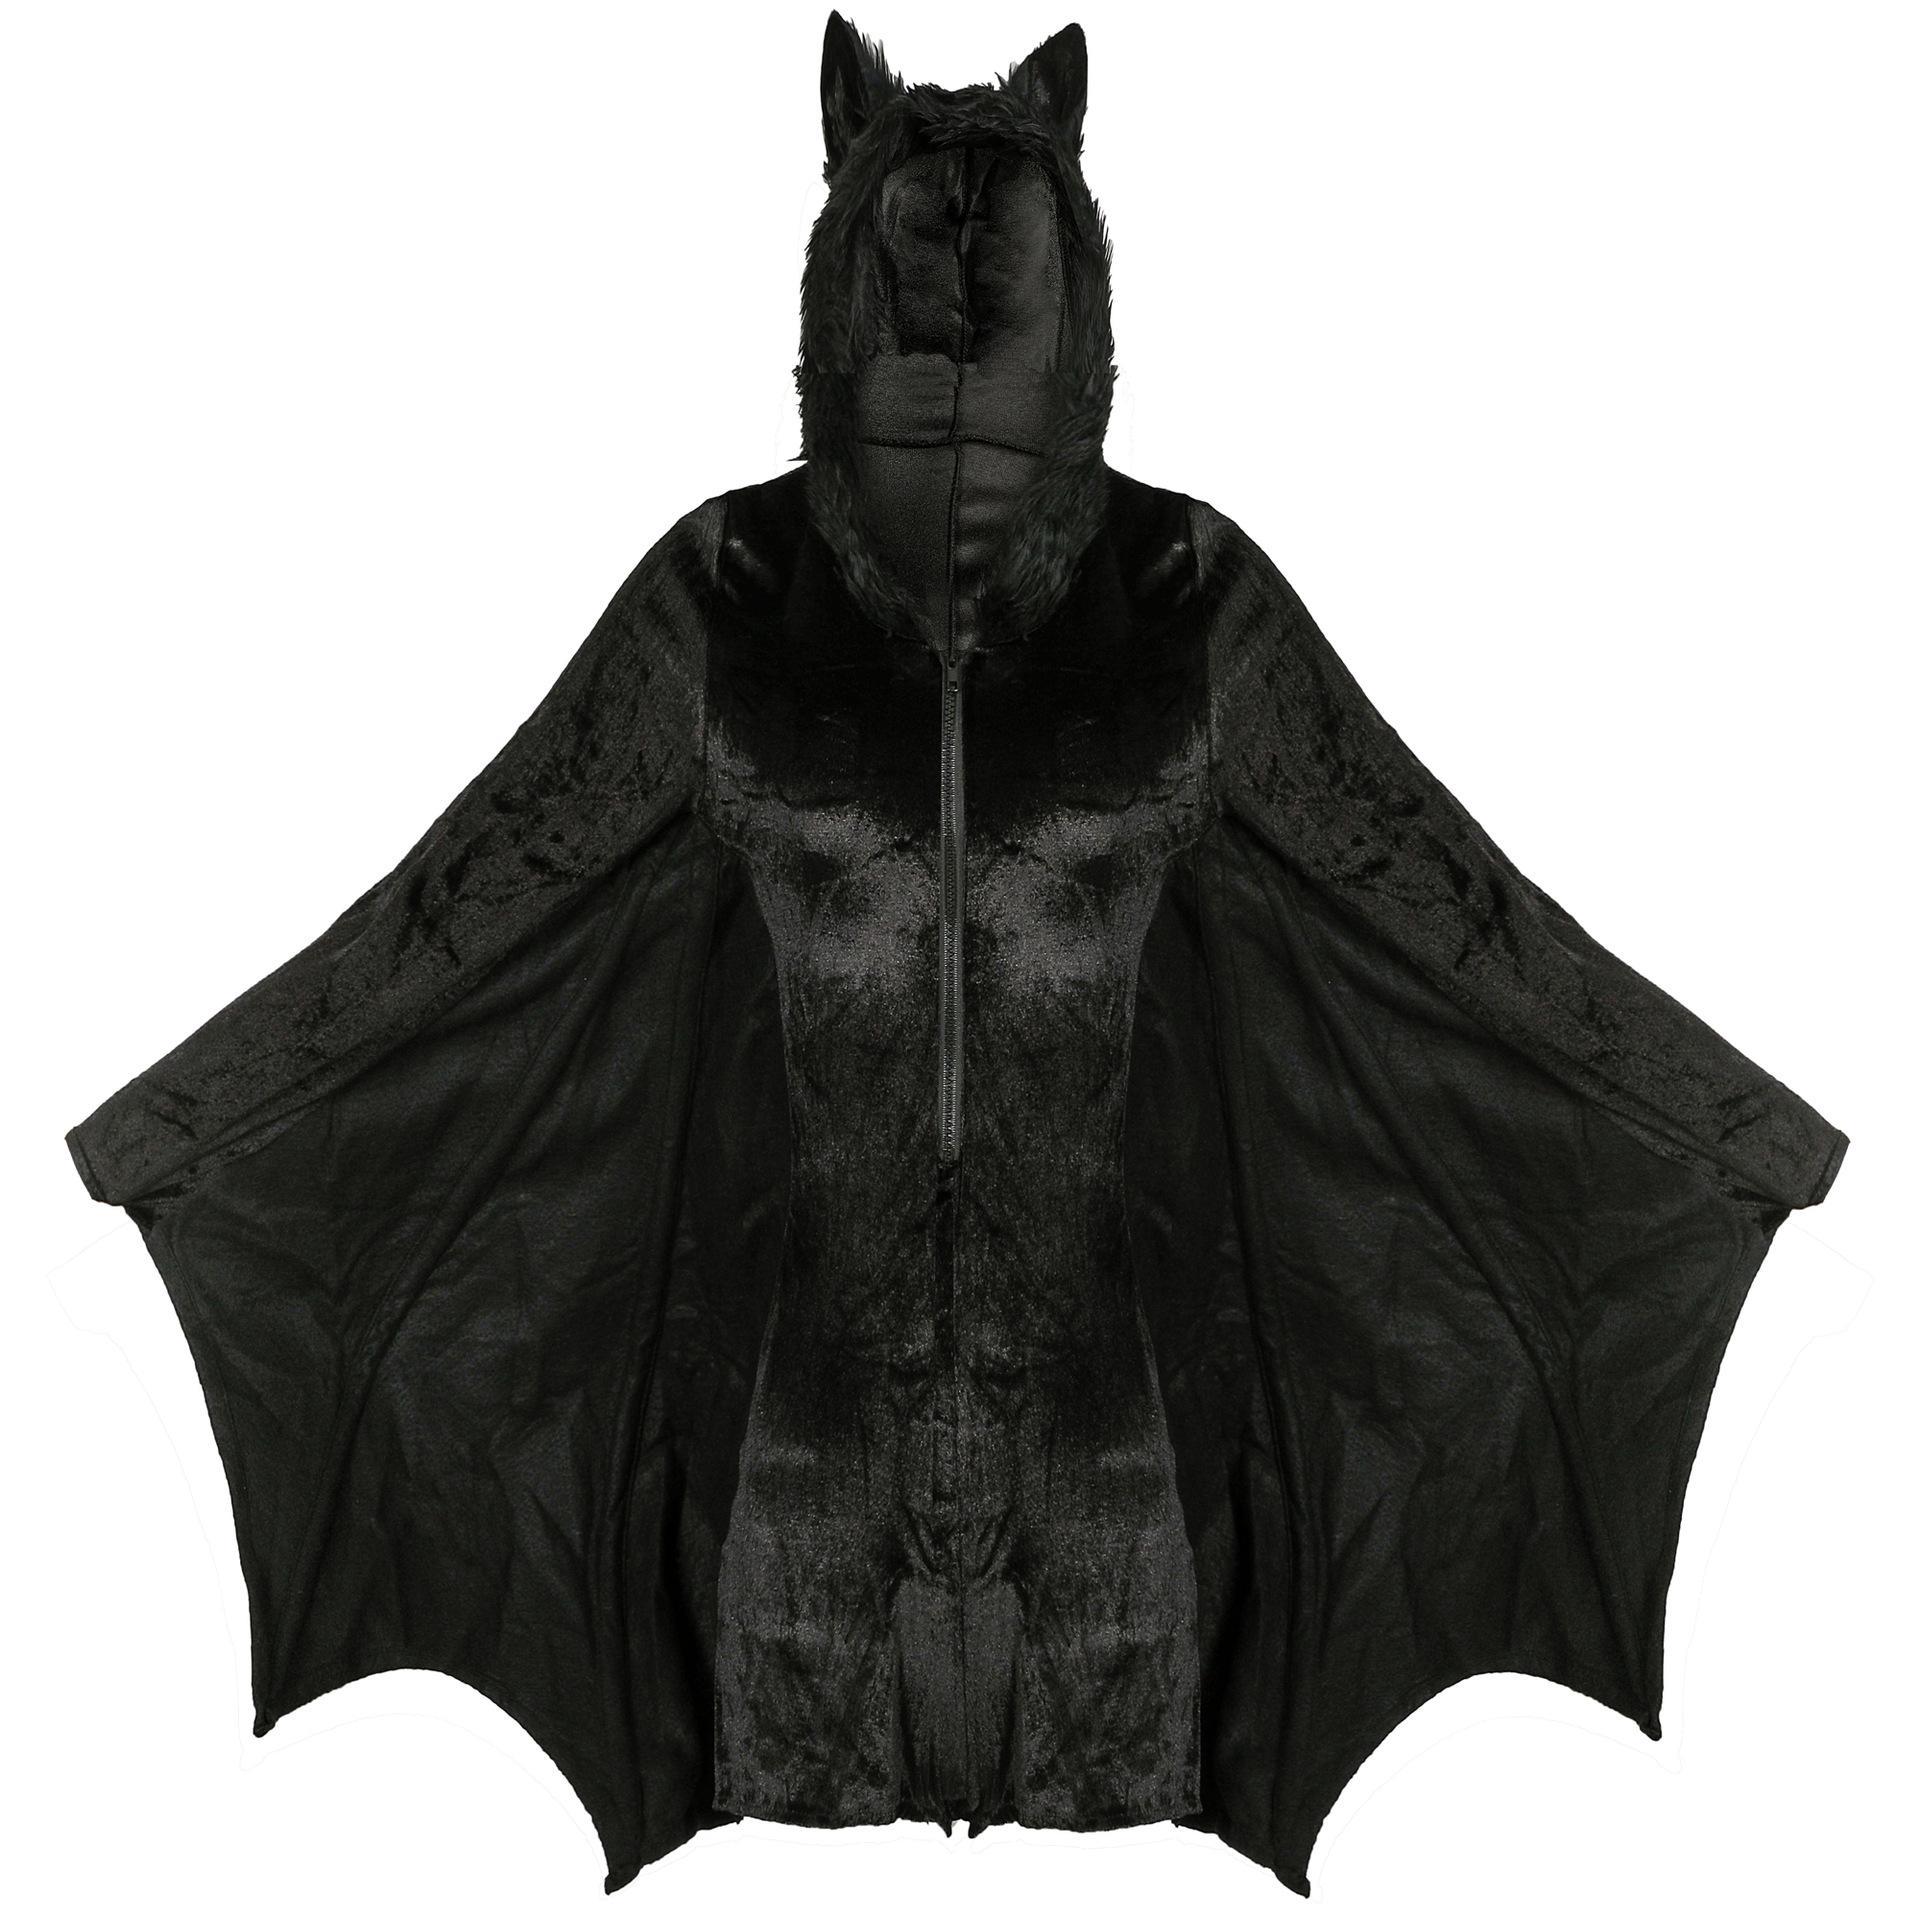 هالوين بات تأثيري لعب دور مصاص دماء مثير أنثى باتمان ملابس زيبر فساتين الأوروبية والأمريكية 2020 وصول جديدة